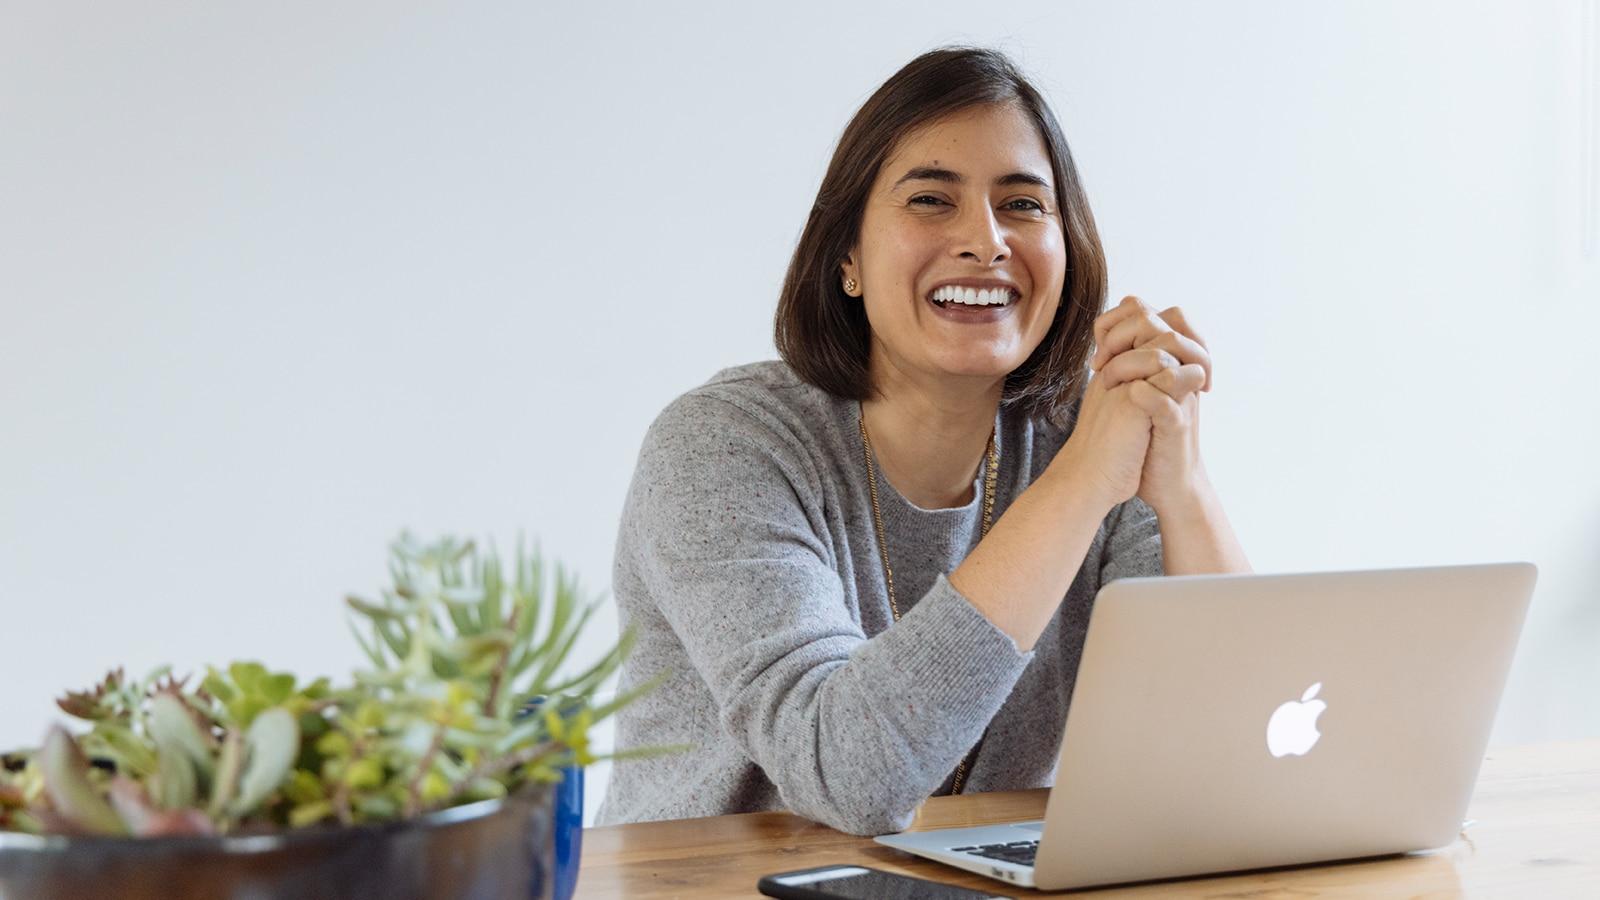 Una mujer sentada a una mesa sonriendo con una computadora portátil abierta y un teléfono celular frente a ella.